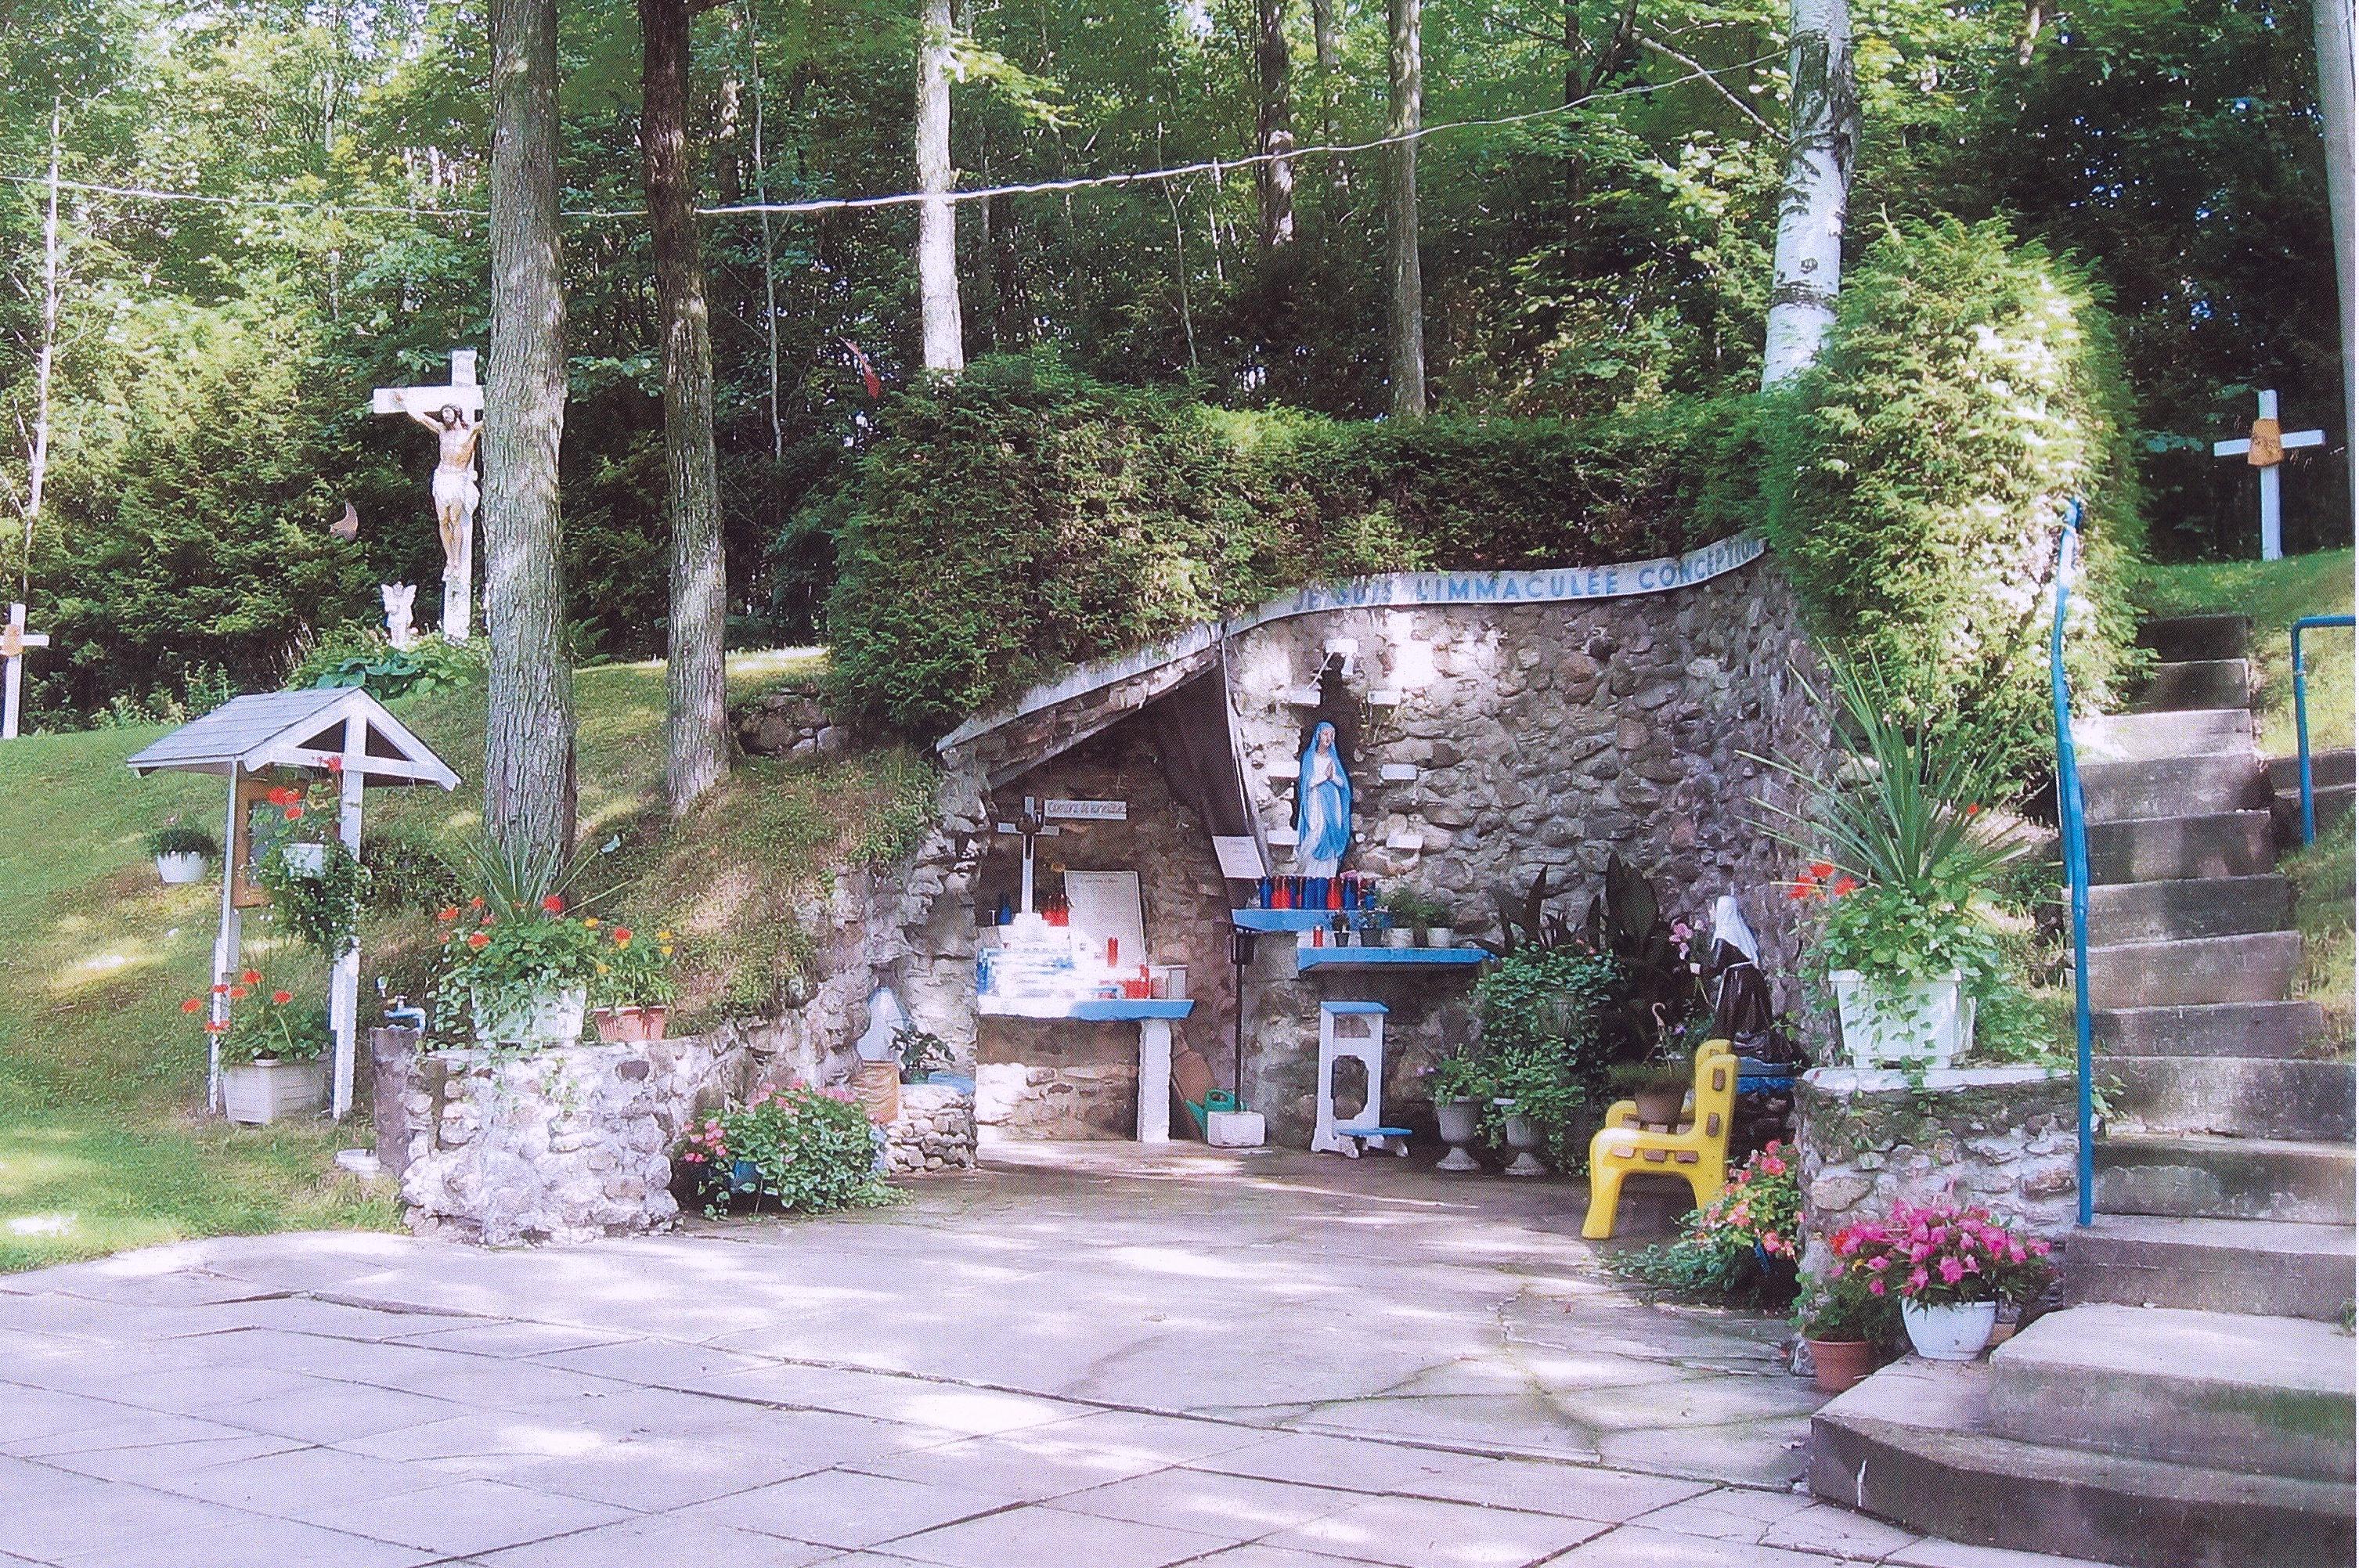 Calendrier Des Pelerinages Lourdes 2019.Pelerinage A La Grotte De Notre Dame De Lourdes Diocese De